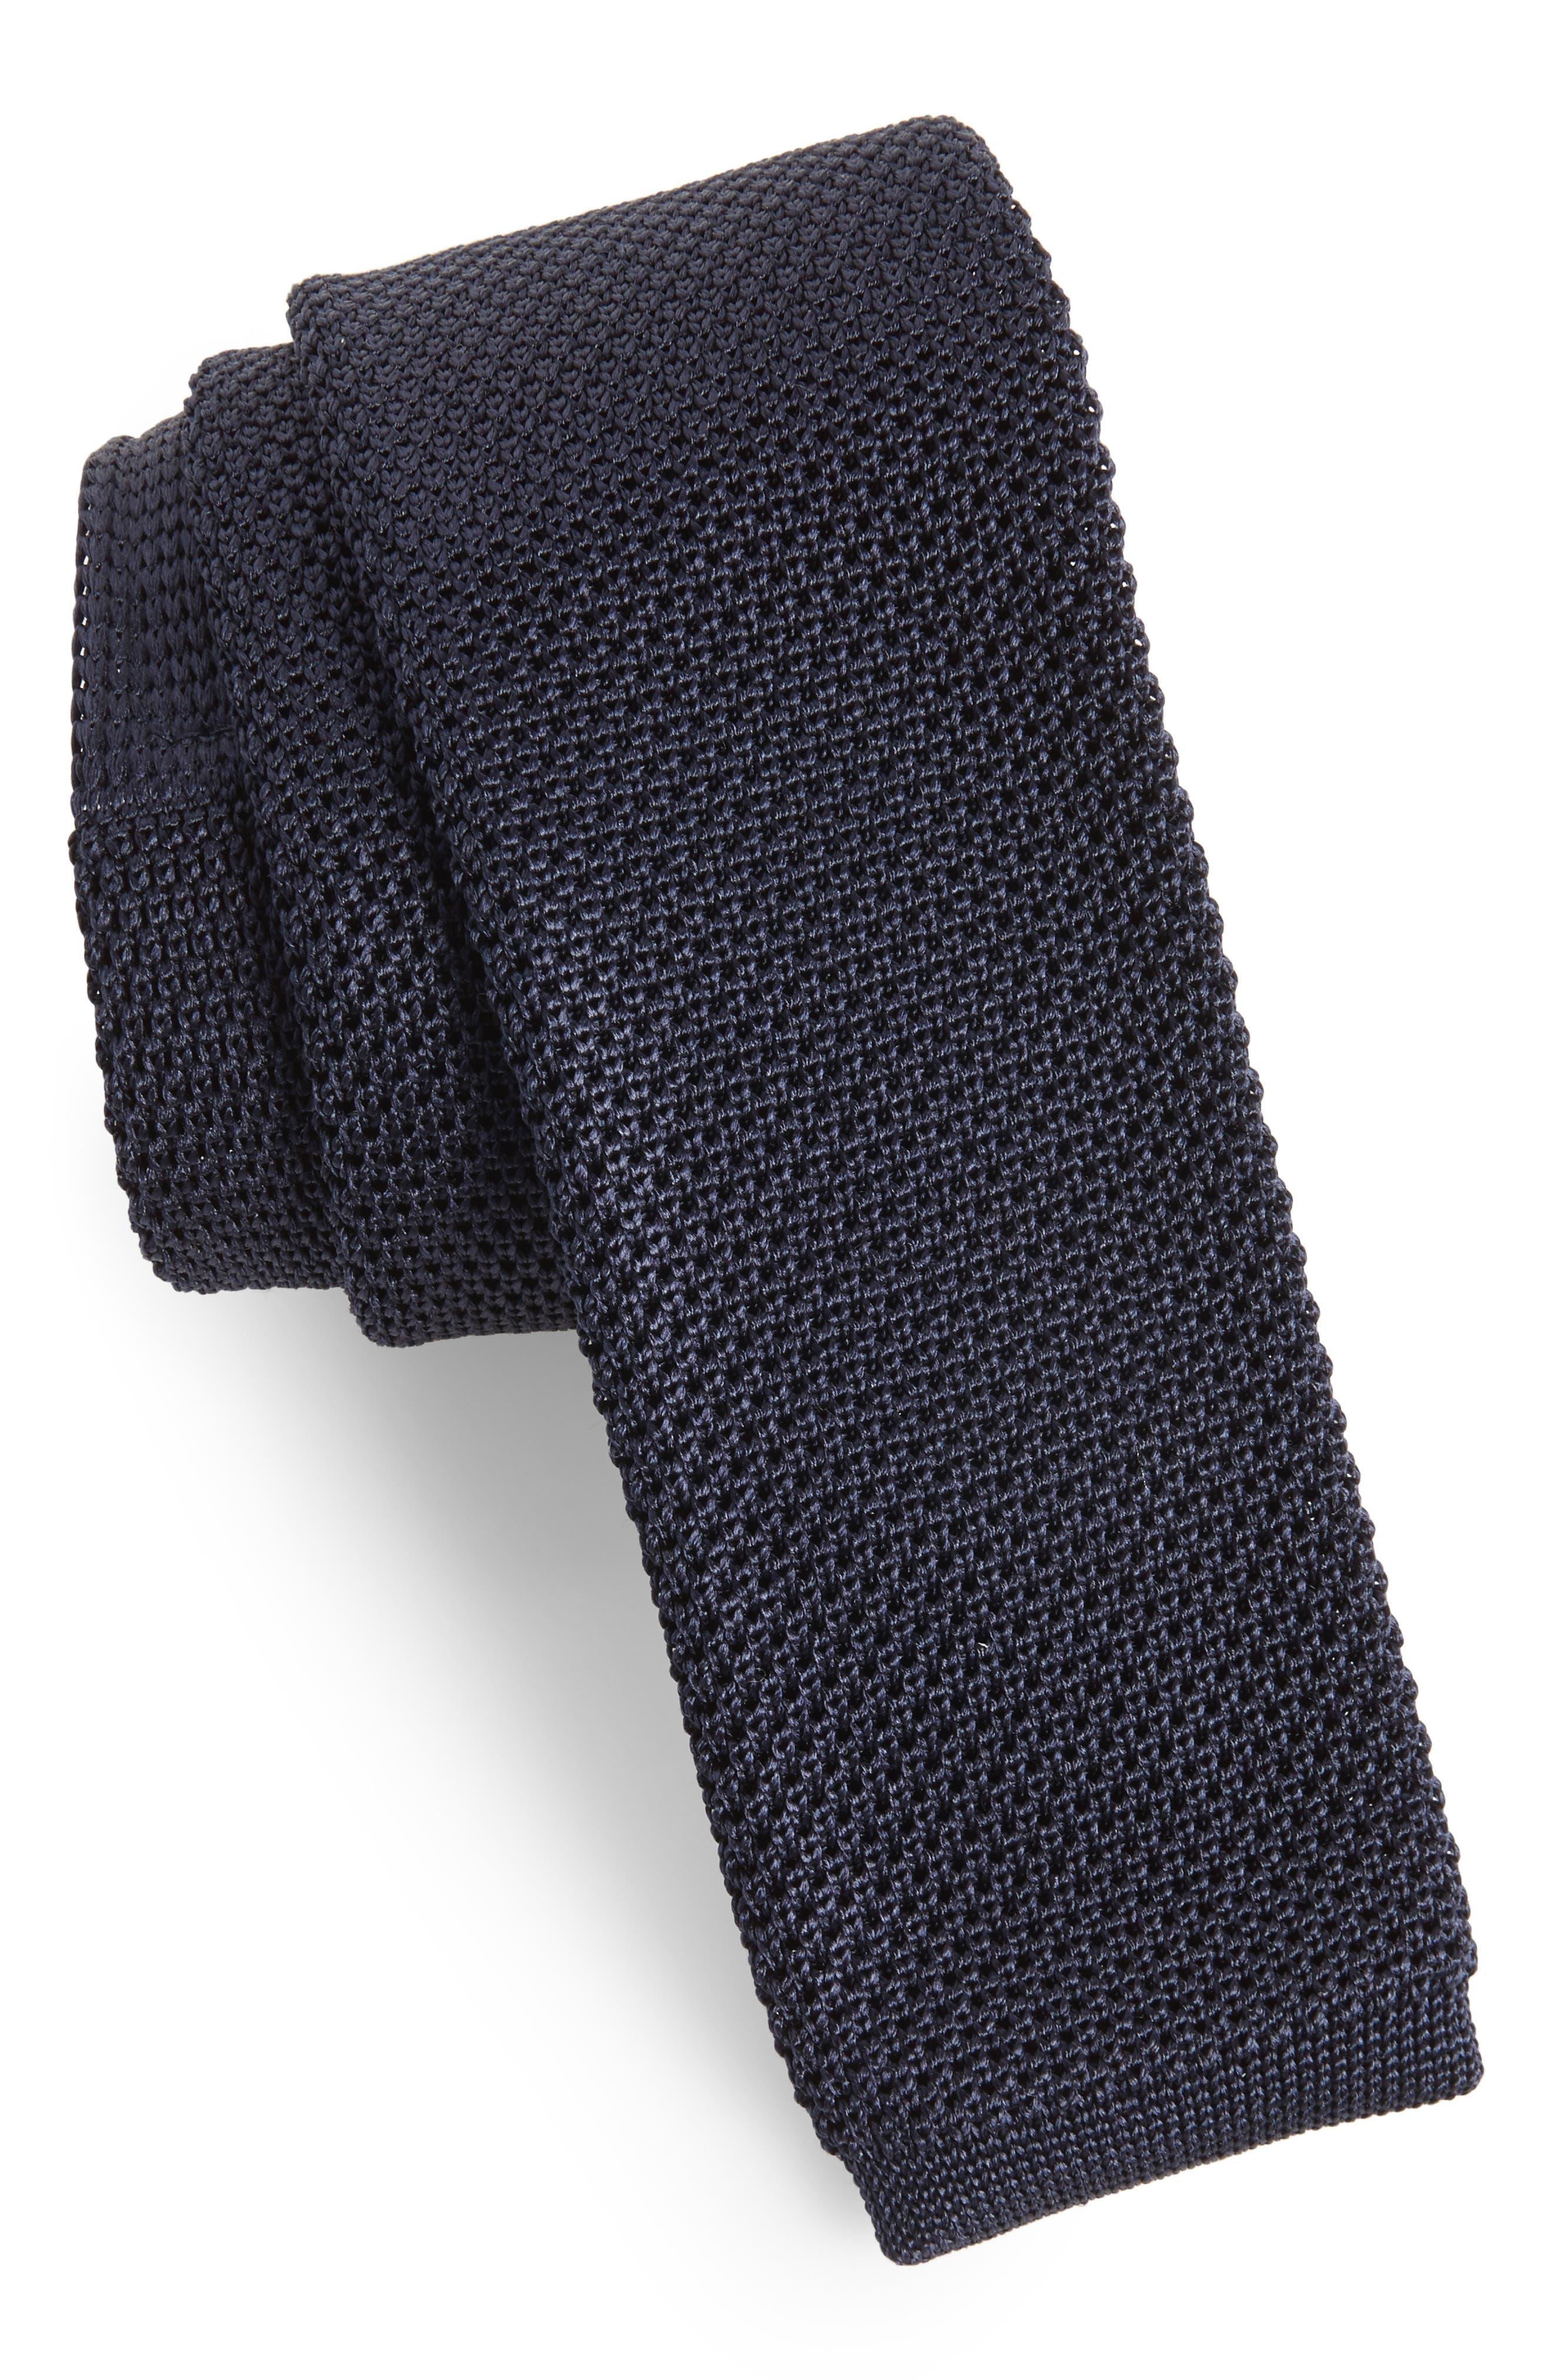 Main Image - Ted Baker London Birdseye Knit Silk Skinny Tie